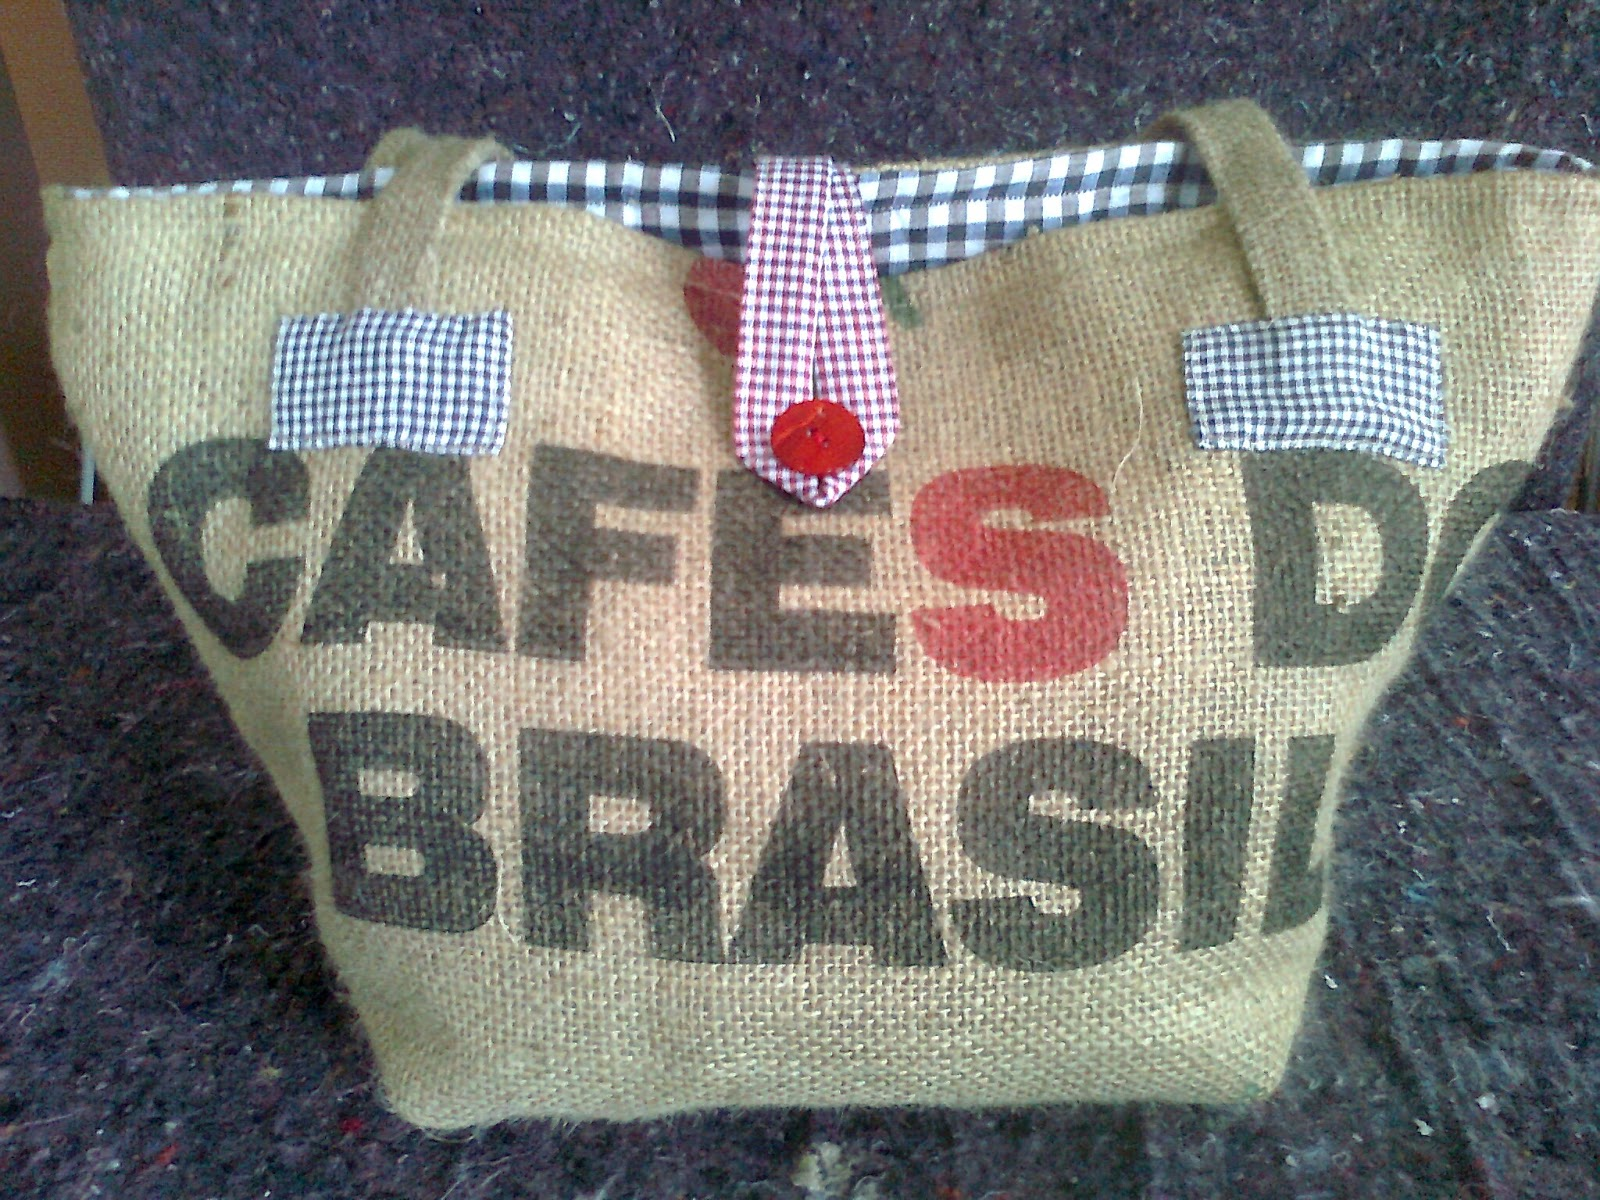 abbastanza SACCHI JUTA DI CAFFè CAFE 70x100 SACCO TELA YUTA REGALI NATALE | eBay MB75